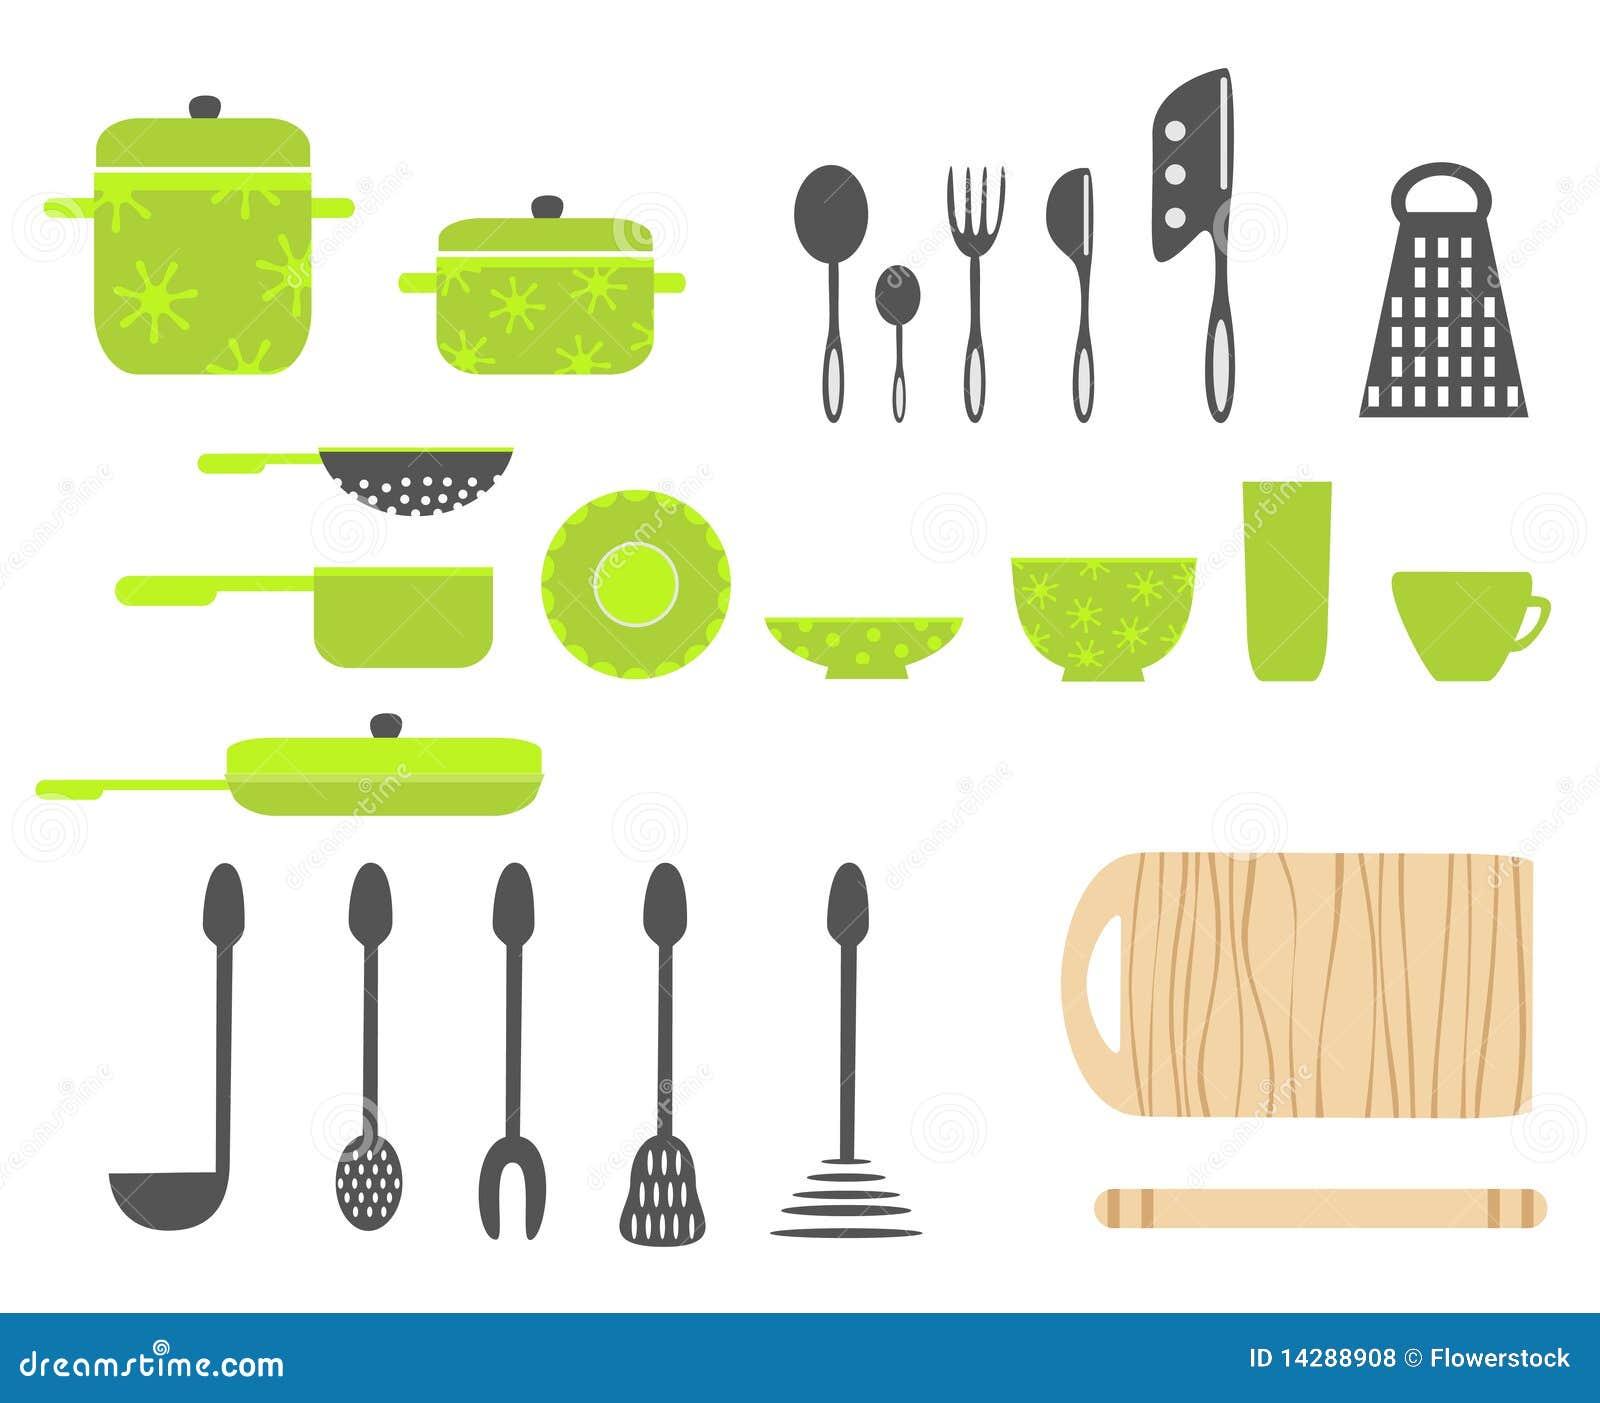 Ustensiles de cuisine photos libres de droits image for Ustensiles de cuisine grenoble